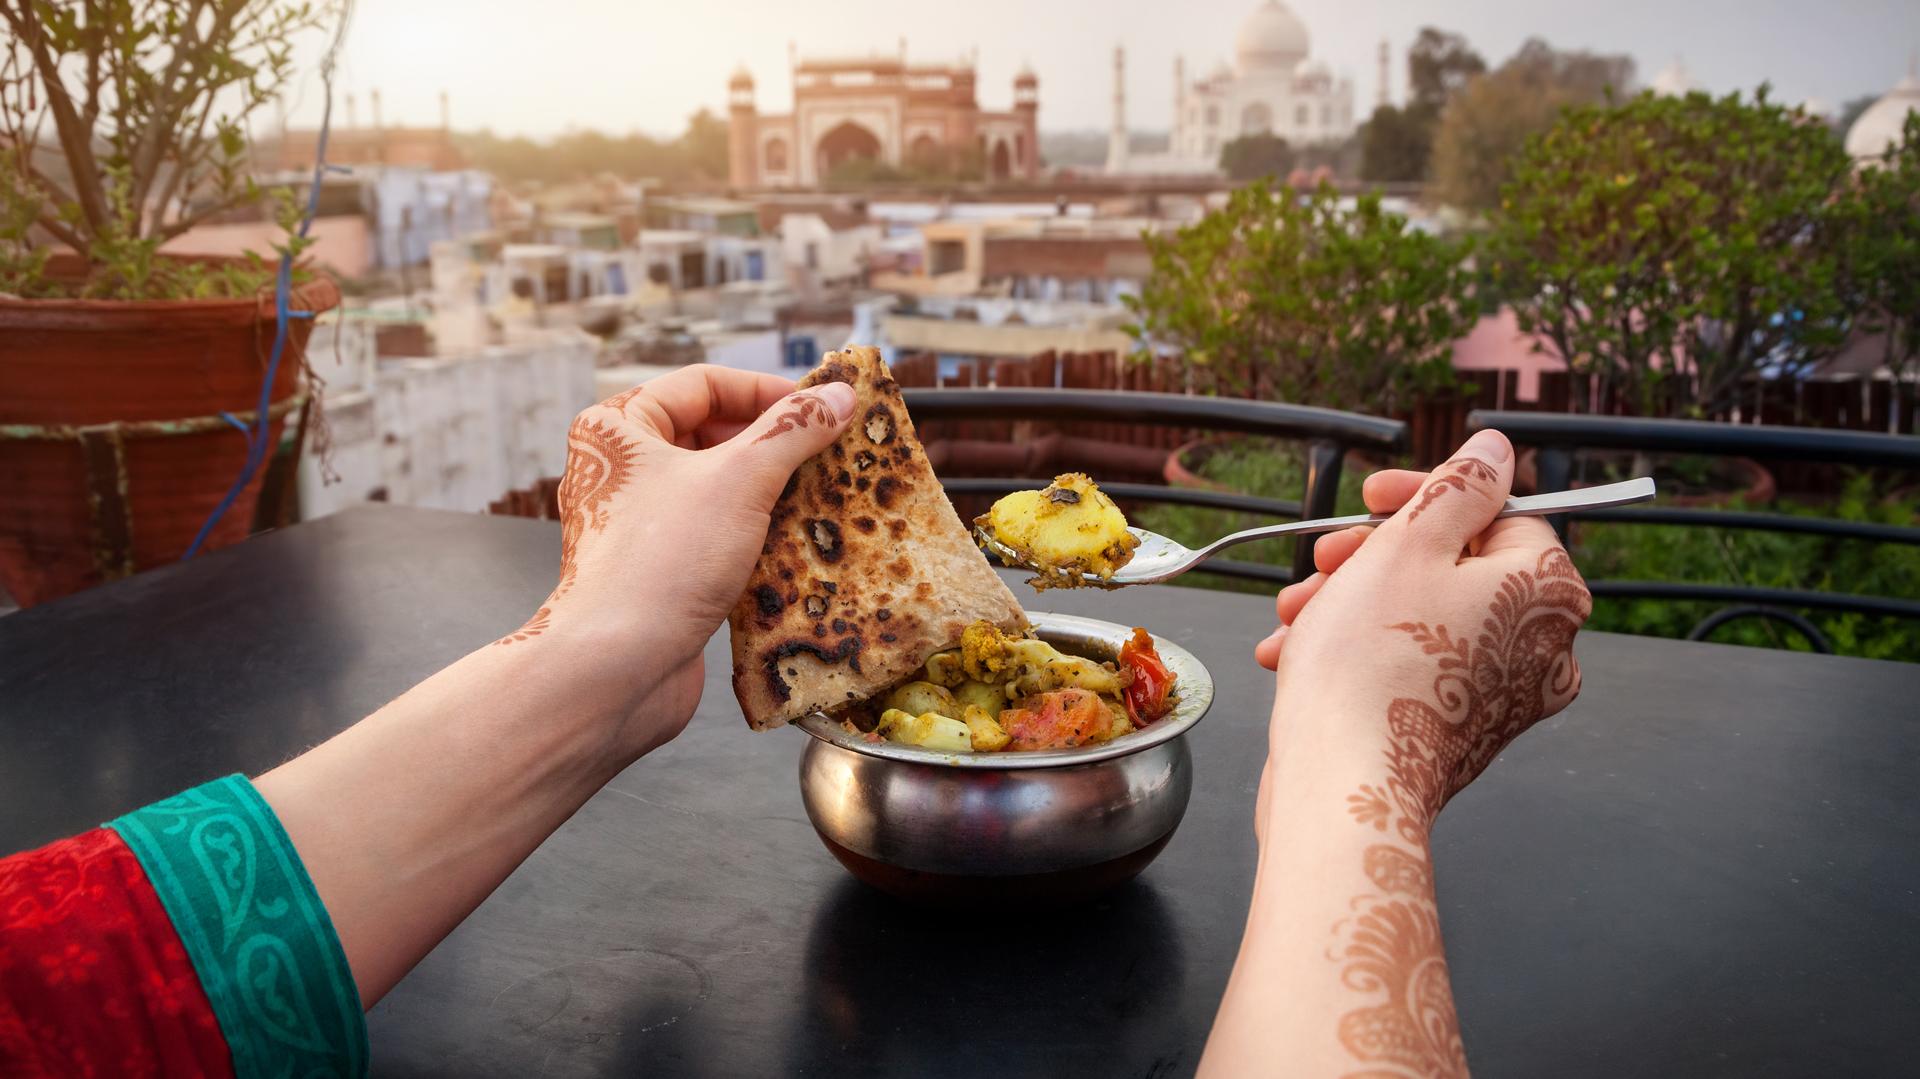 El turismo foodie, una tendencia en crecimiento (Getty)